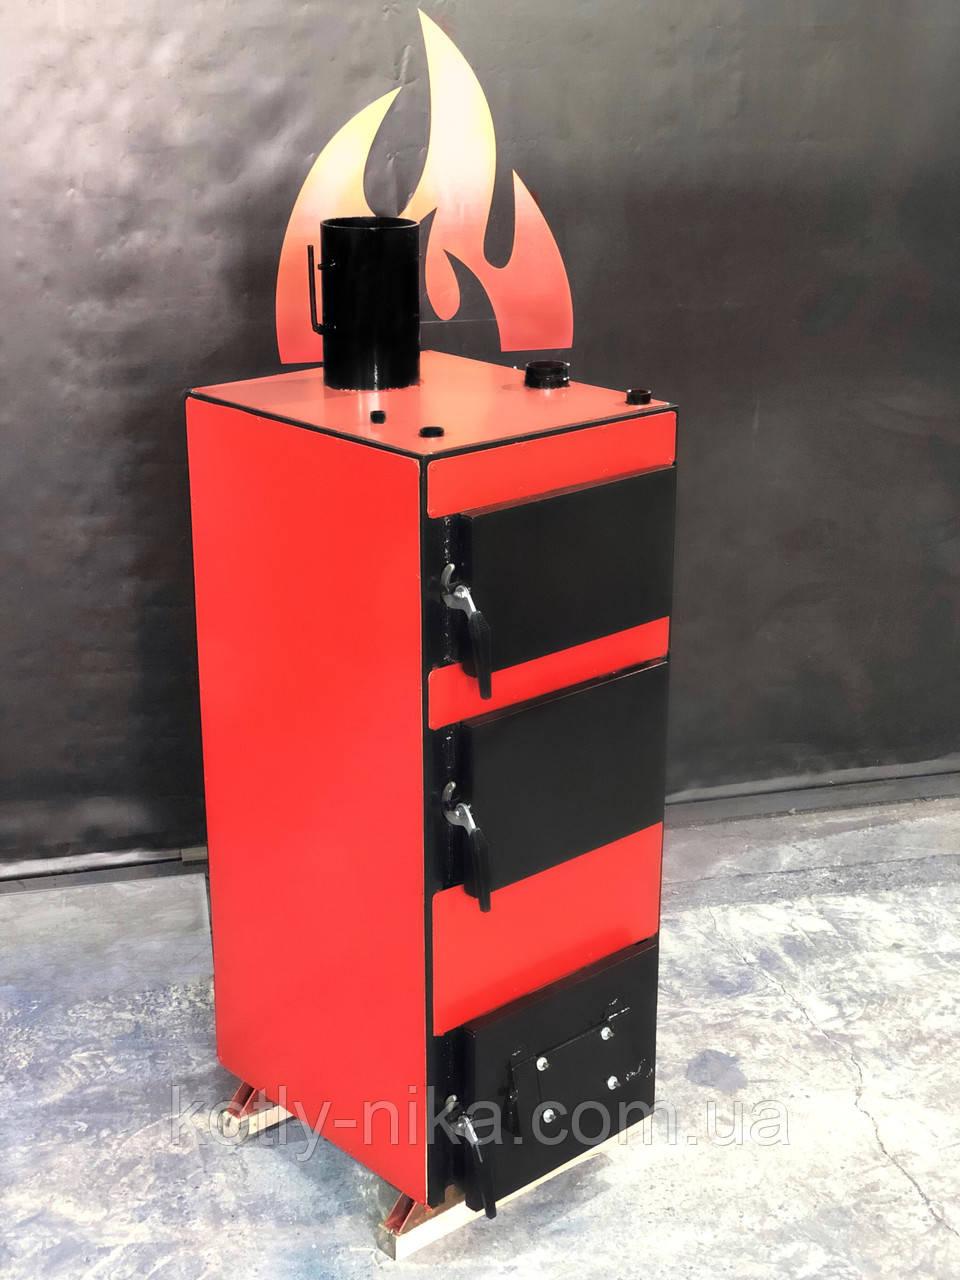 Твердопаливний котел.Котел тривалого горіння кВт 15-18